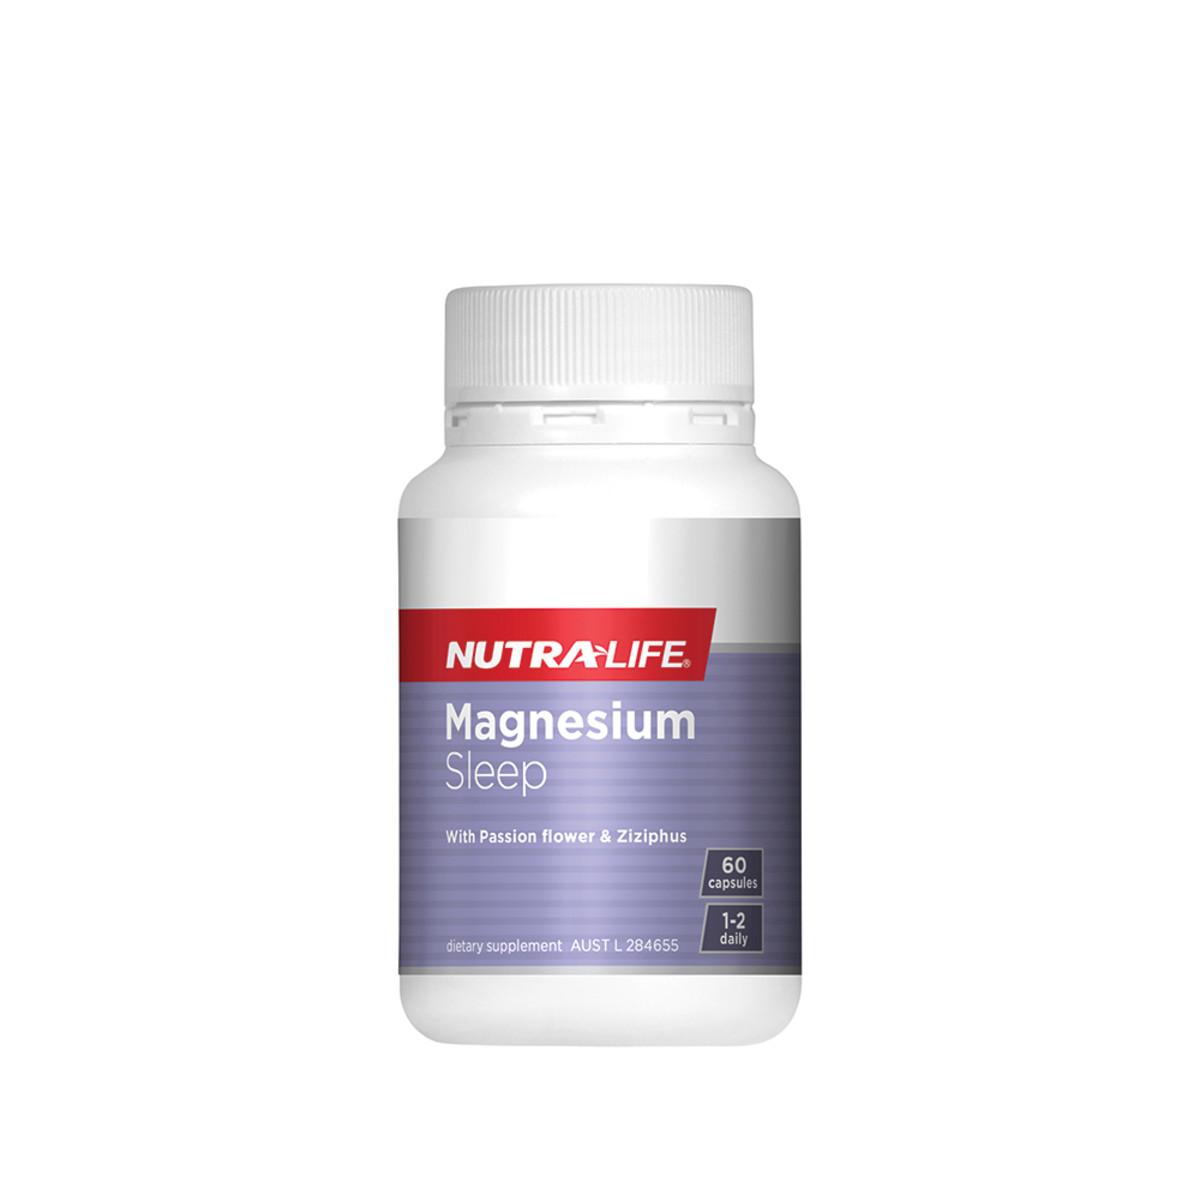 NUTRALIFE MAGNESIUM SLEEP 60C